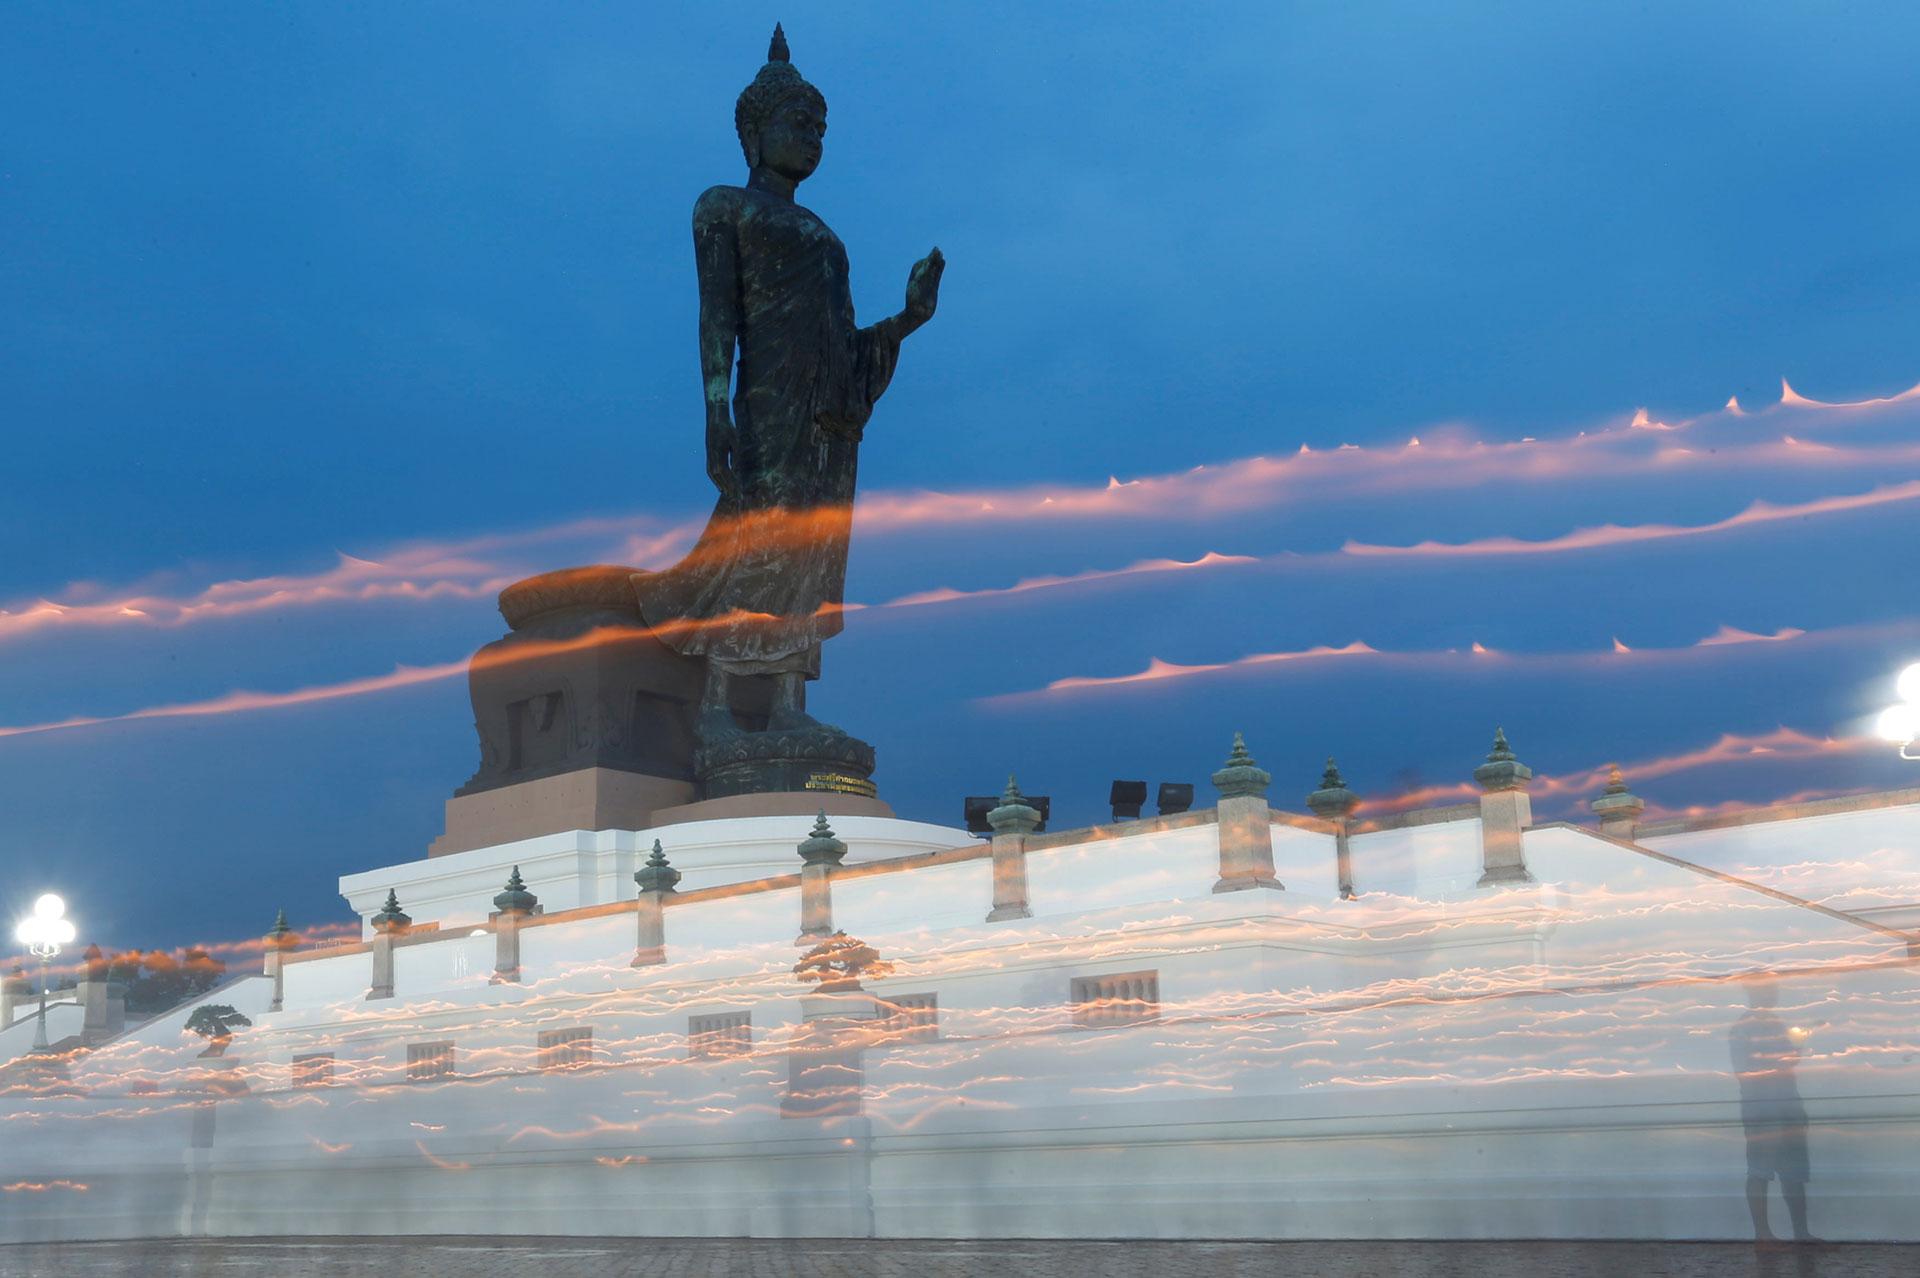 Budistas cargan velas alrededor de una estatua del Buda en Bangkok, Tailandia el 10 de mayo de 2017. (Reuters)